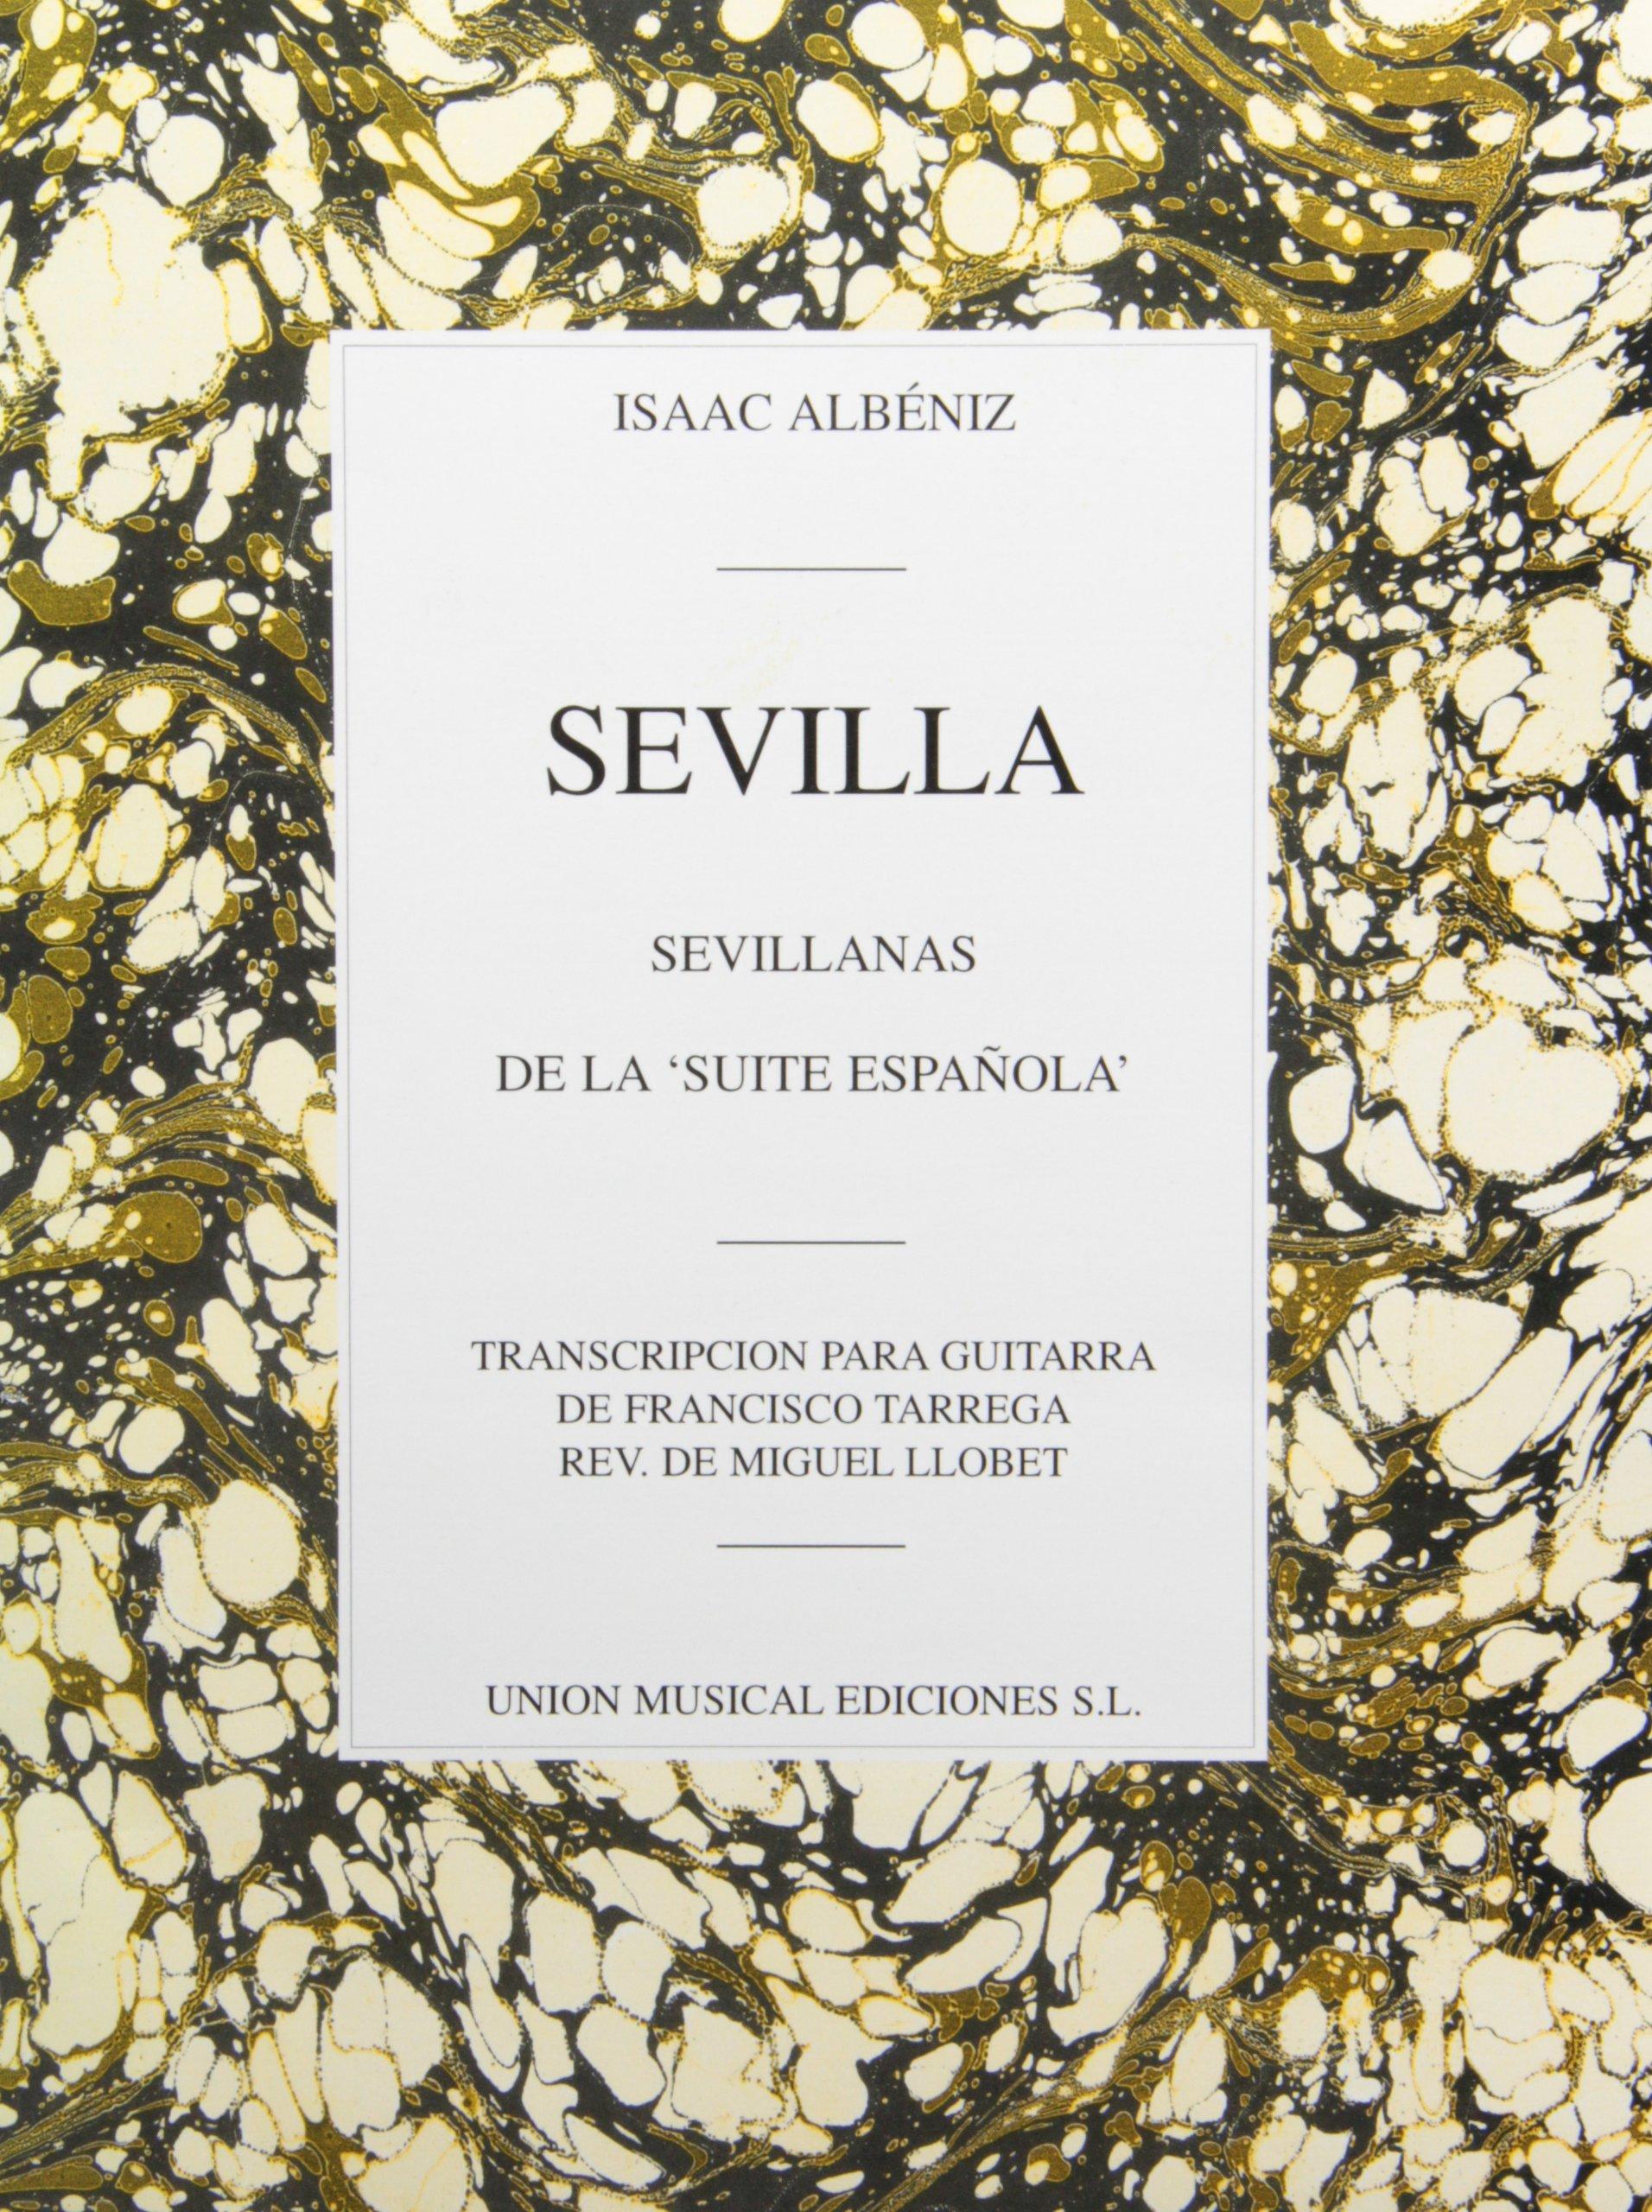 SEVILLA NO3                  SEVILLANAS                   GUITAR pdf